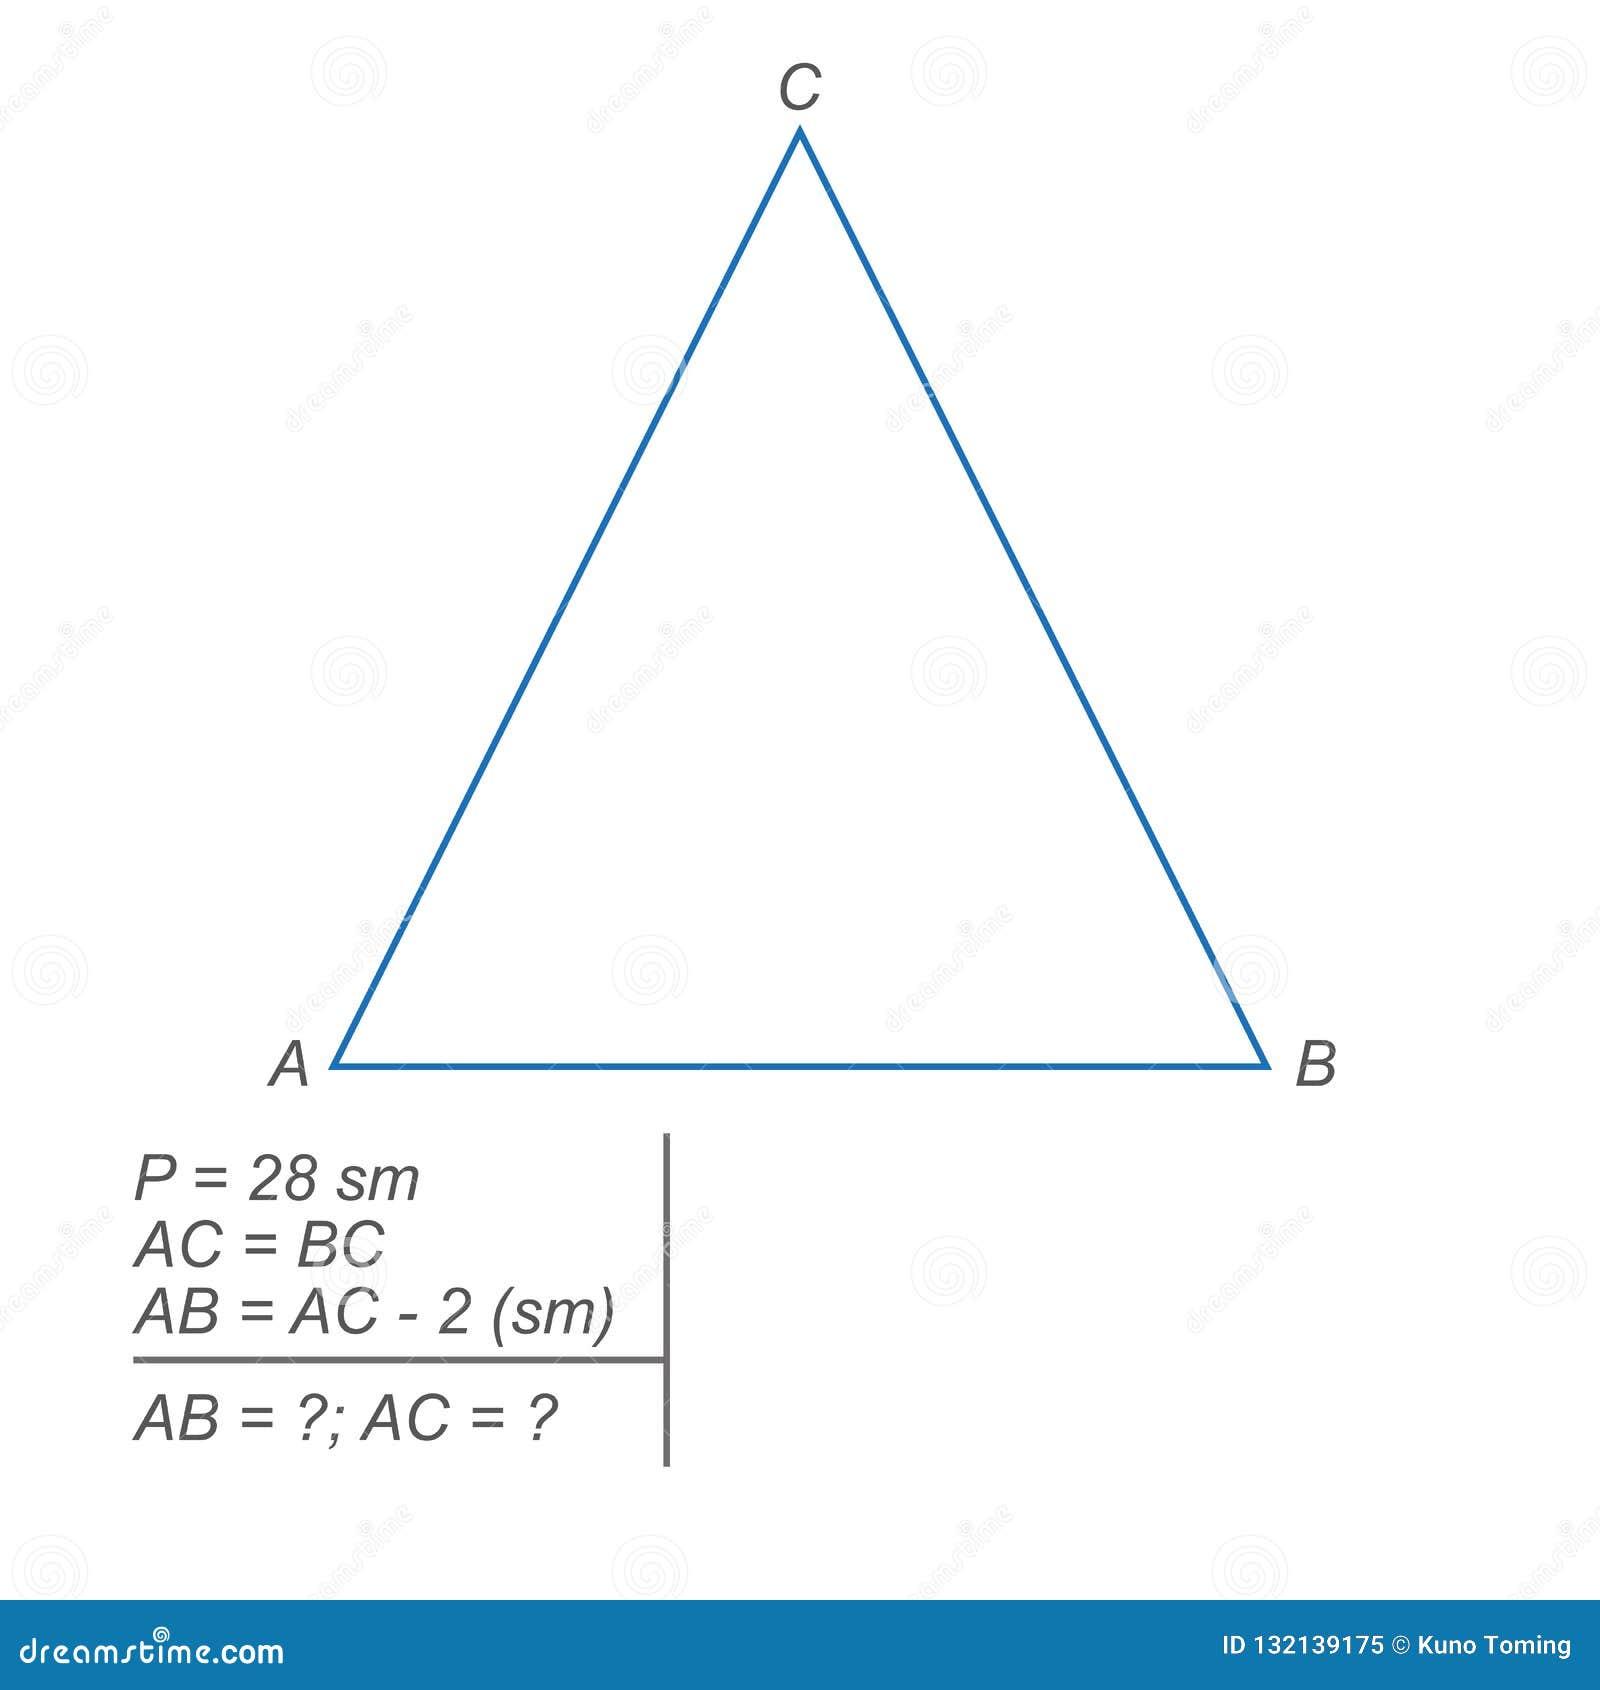 一个等腰三角形的周长等于二十厘米厘米